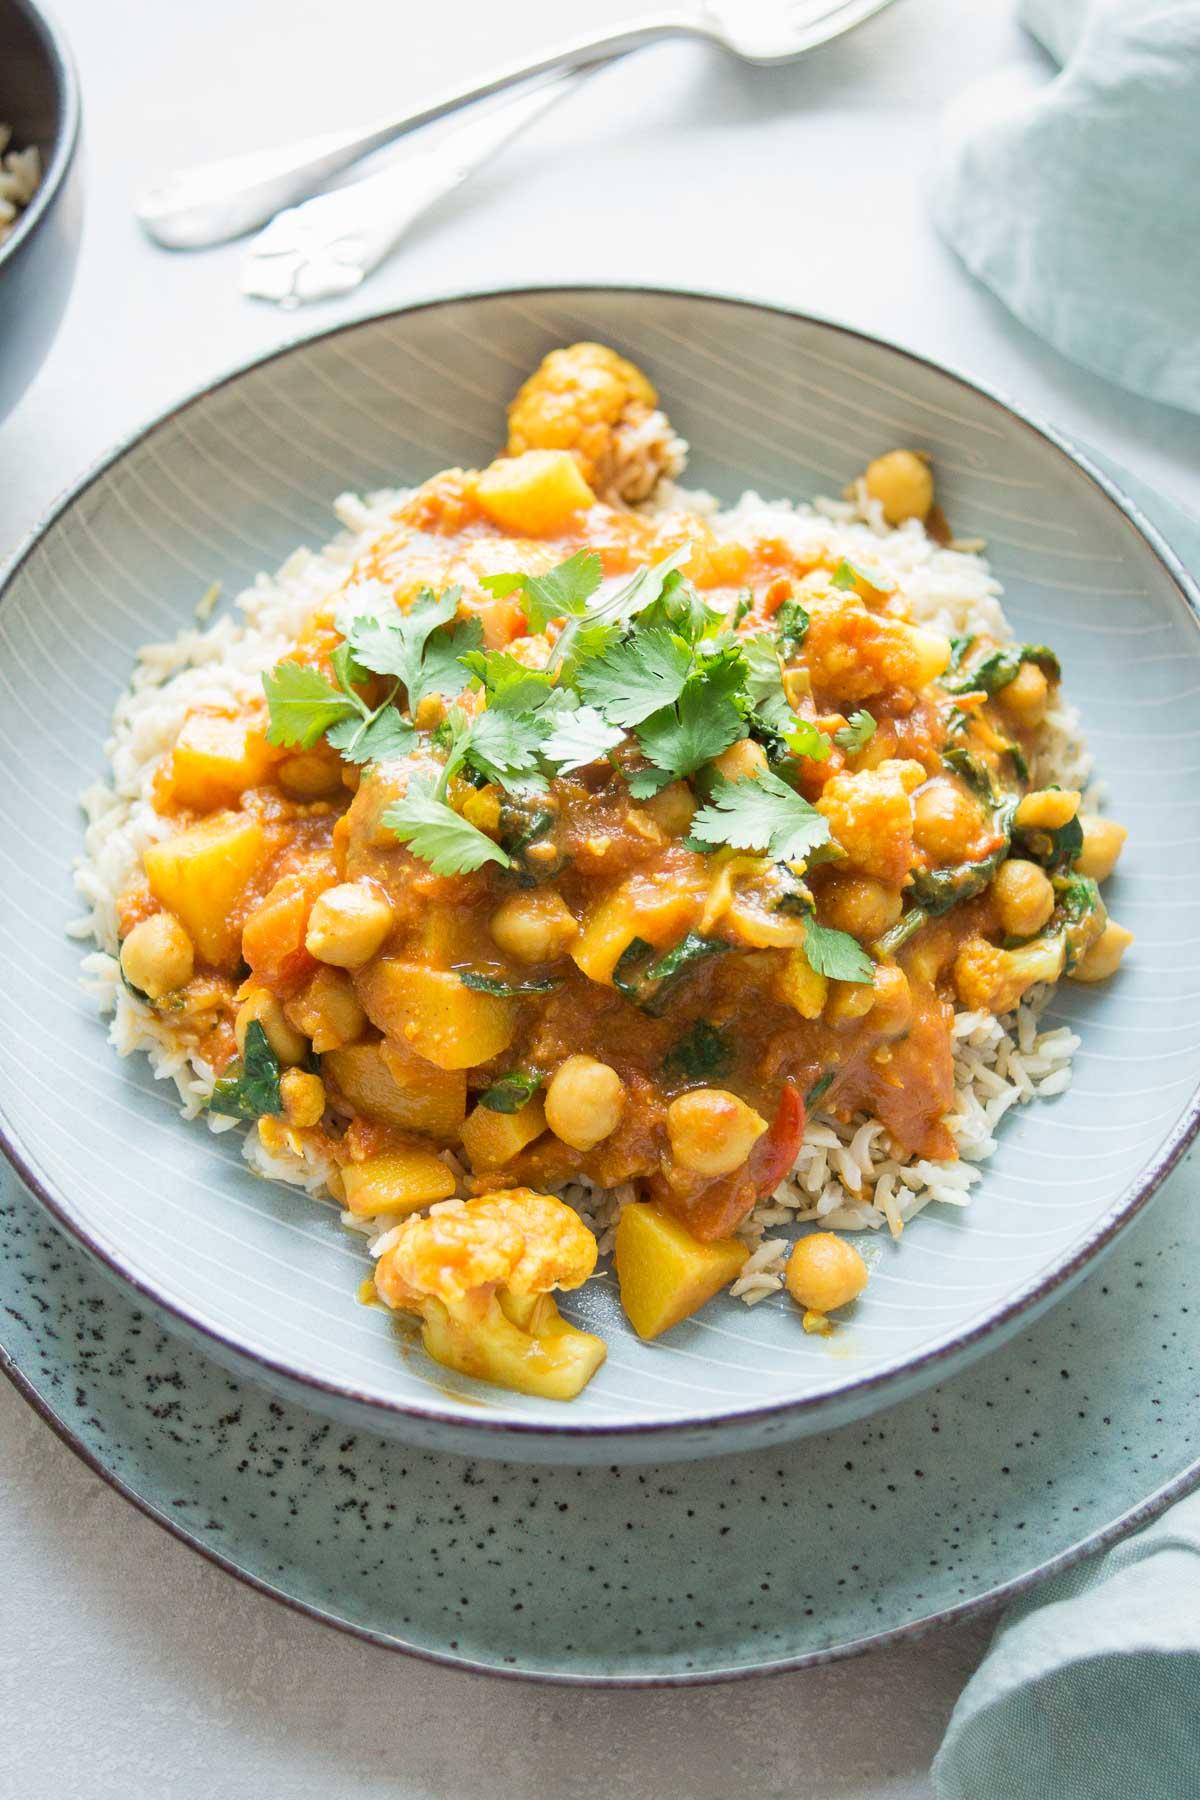 Vegane Rezept für Blumenkohl-Kartoffel-Curry mit Kichererbsen und Spinat,